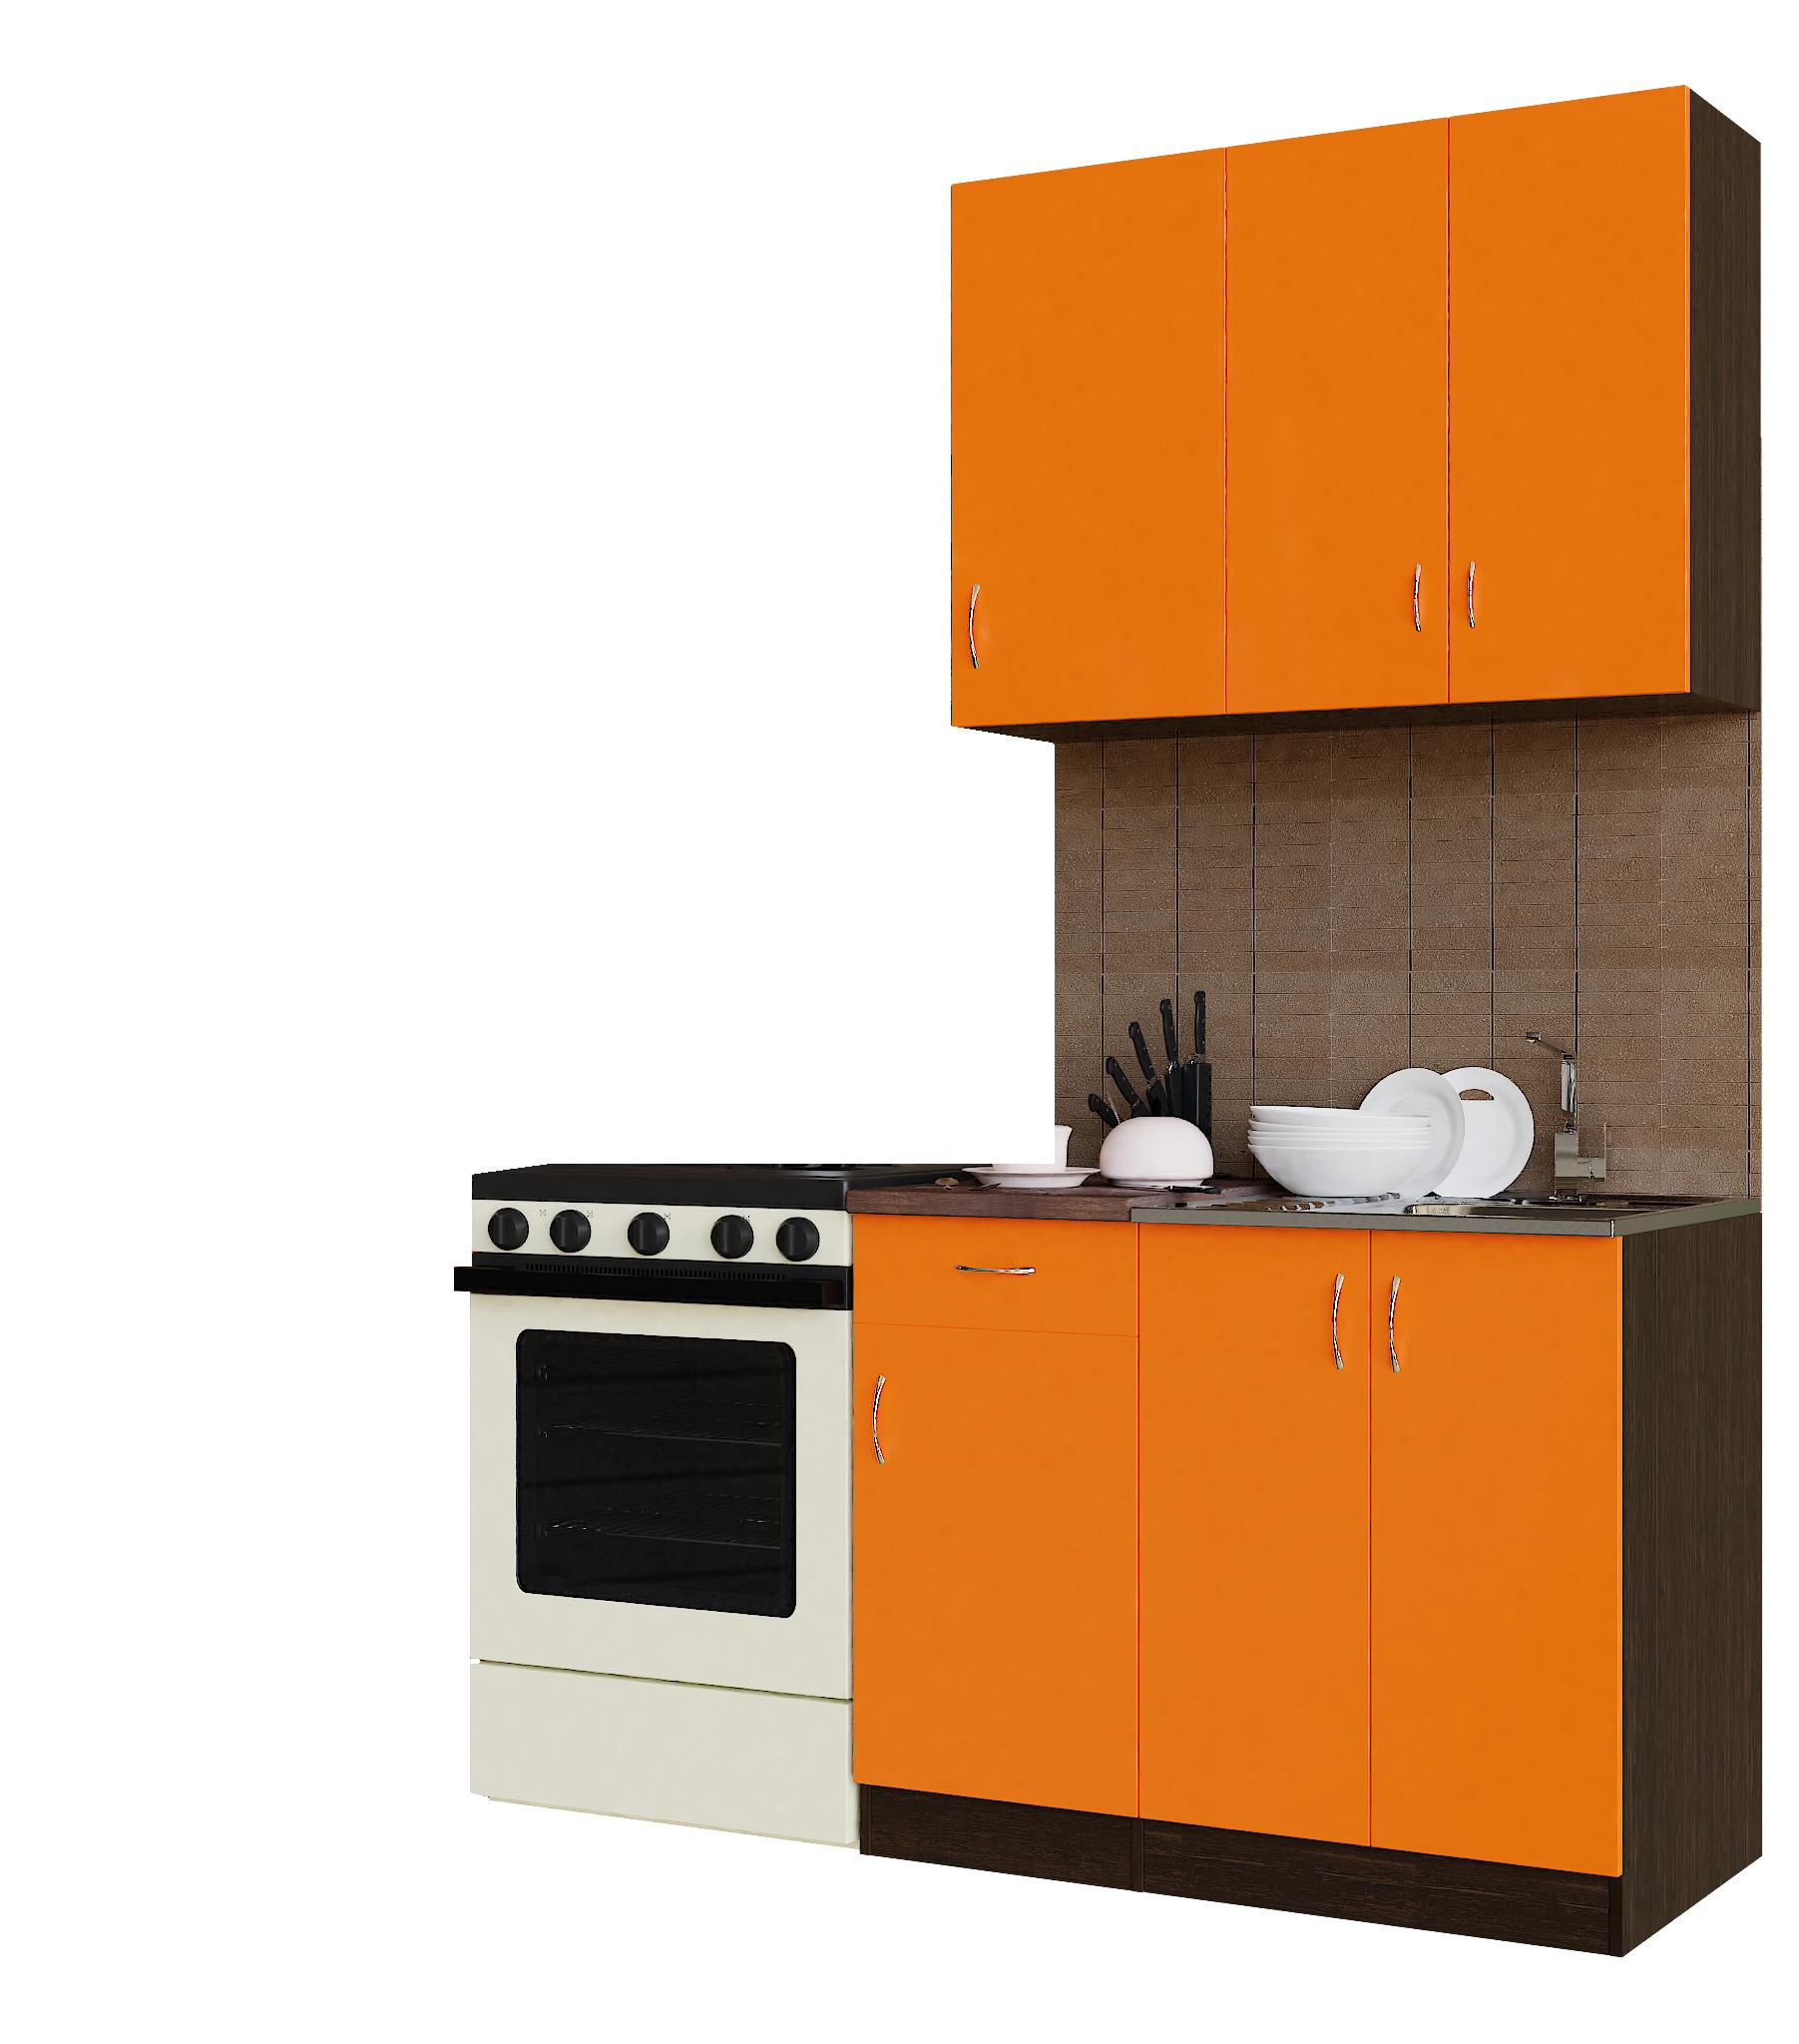 Кухонный гарнитур Sanvut ГК1000-3.13.1 Венге / Оранж (венге)